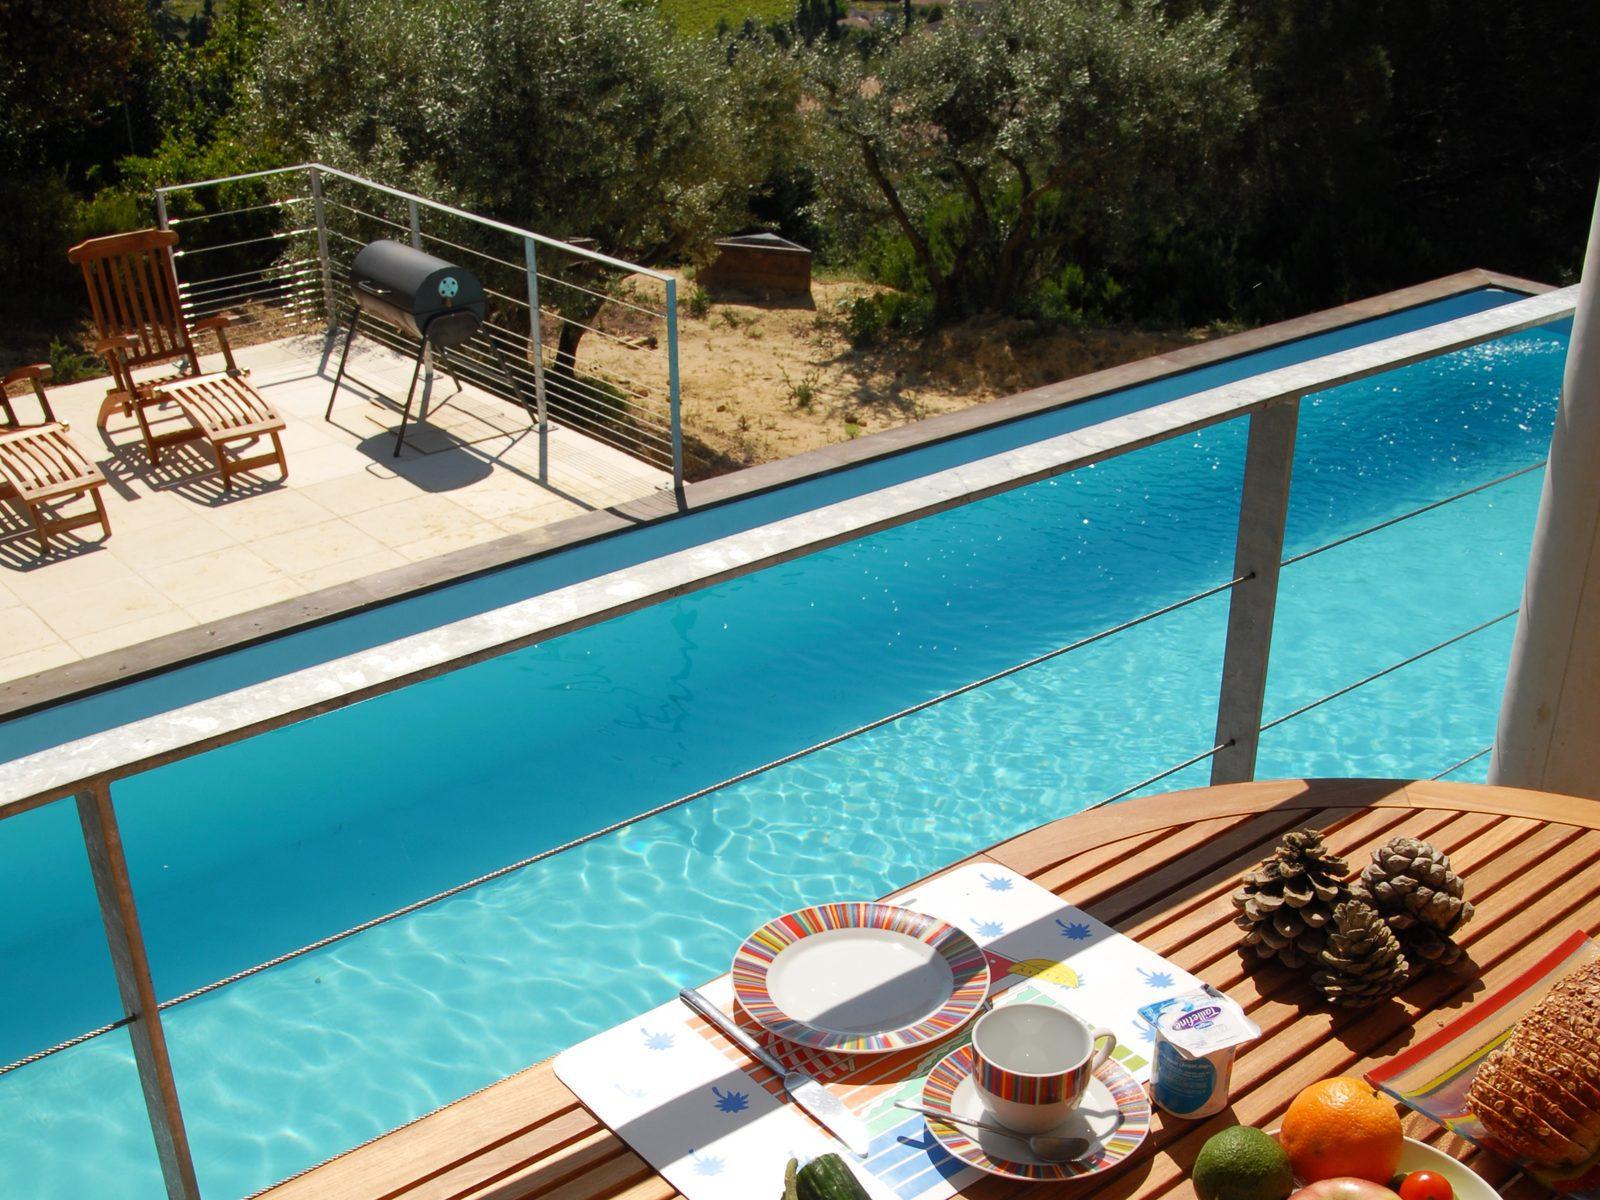 Luxe vakantiehuis met prive zwembad in Nederland, België, Frankrijk